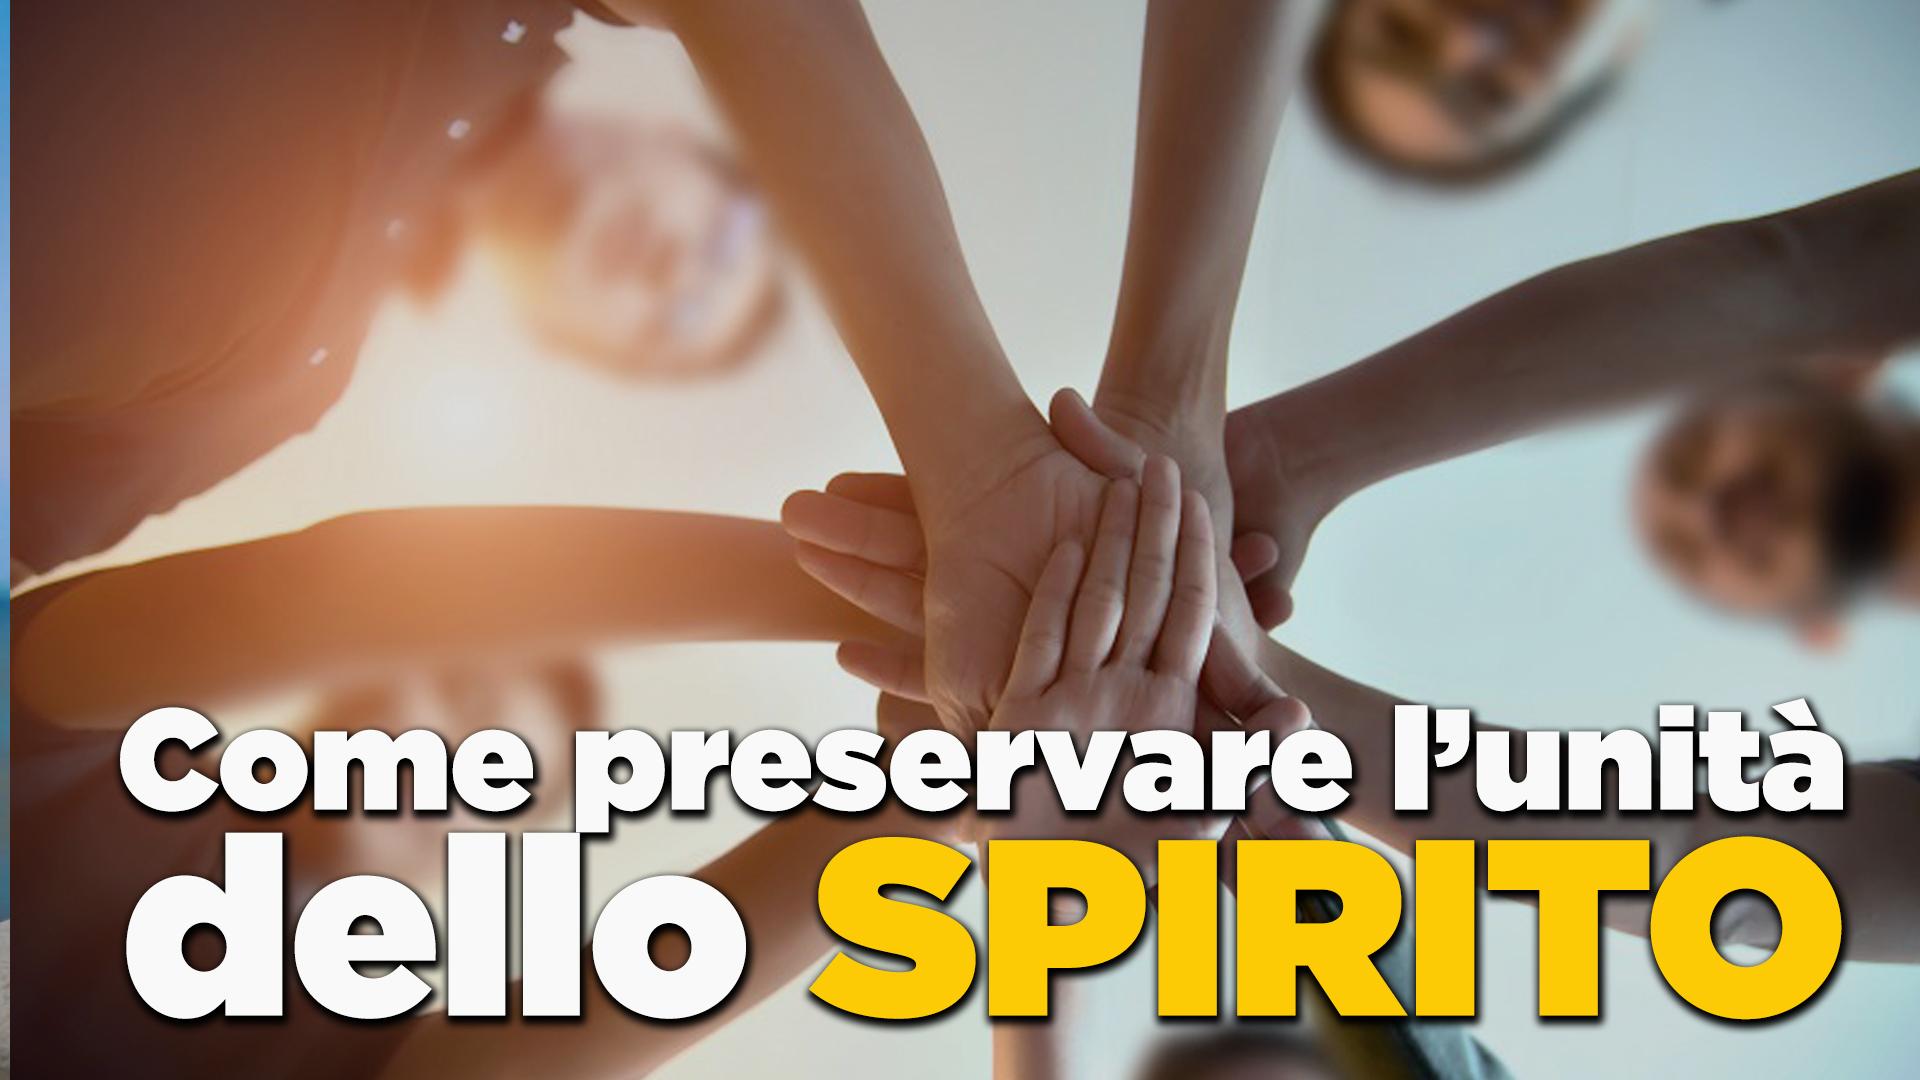 Come preservare l'unita dello Spirito